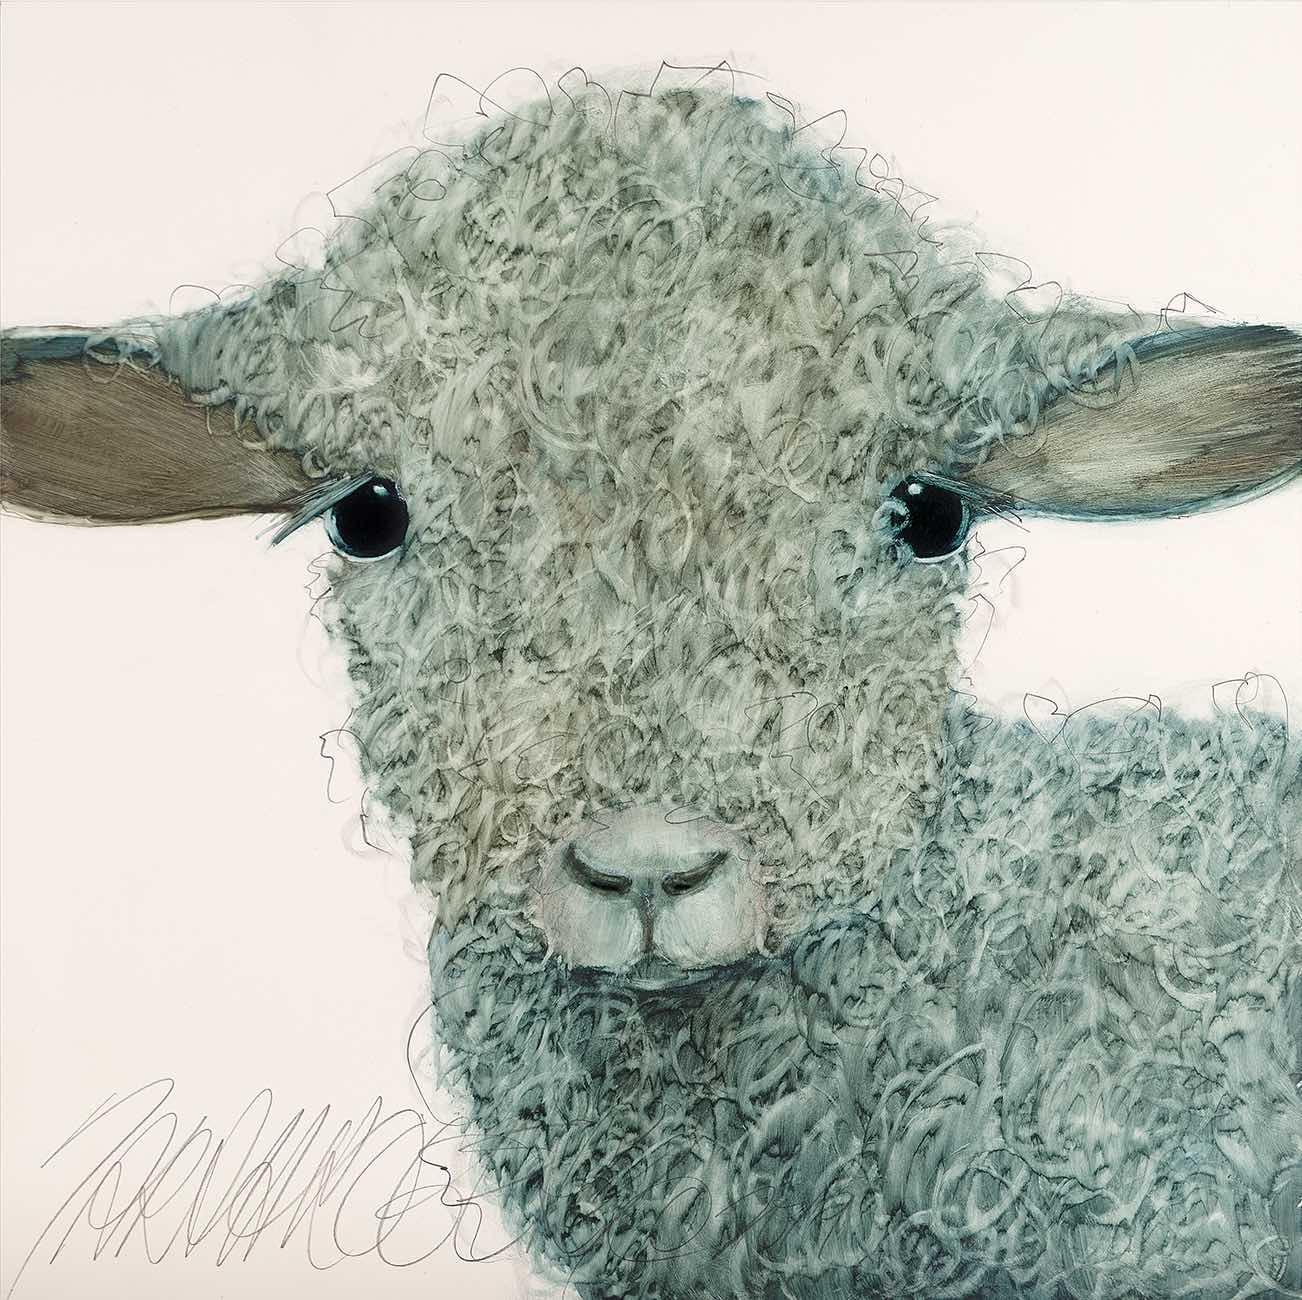 Sheepish - New!